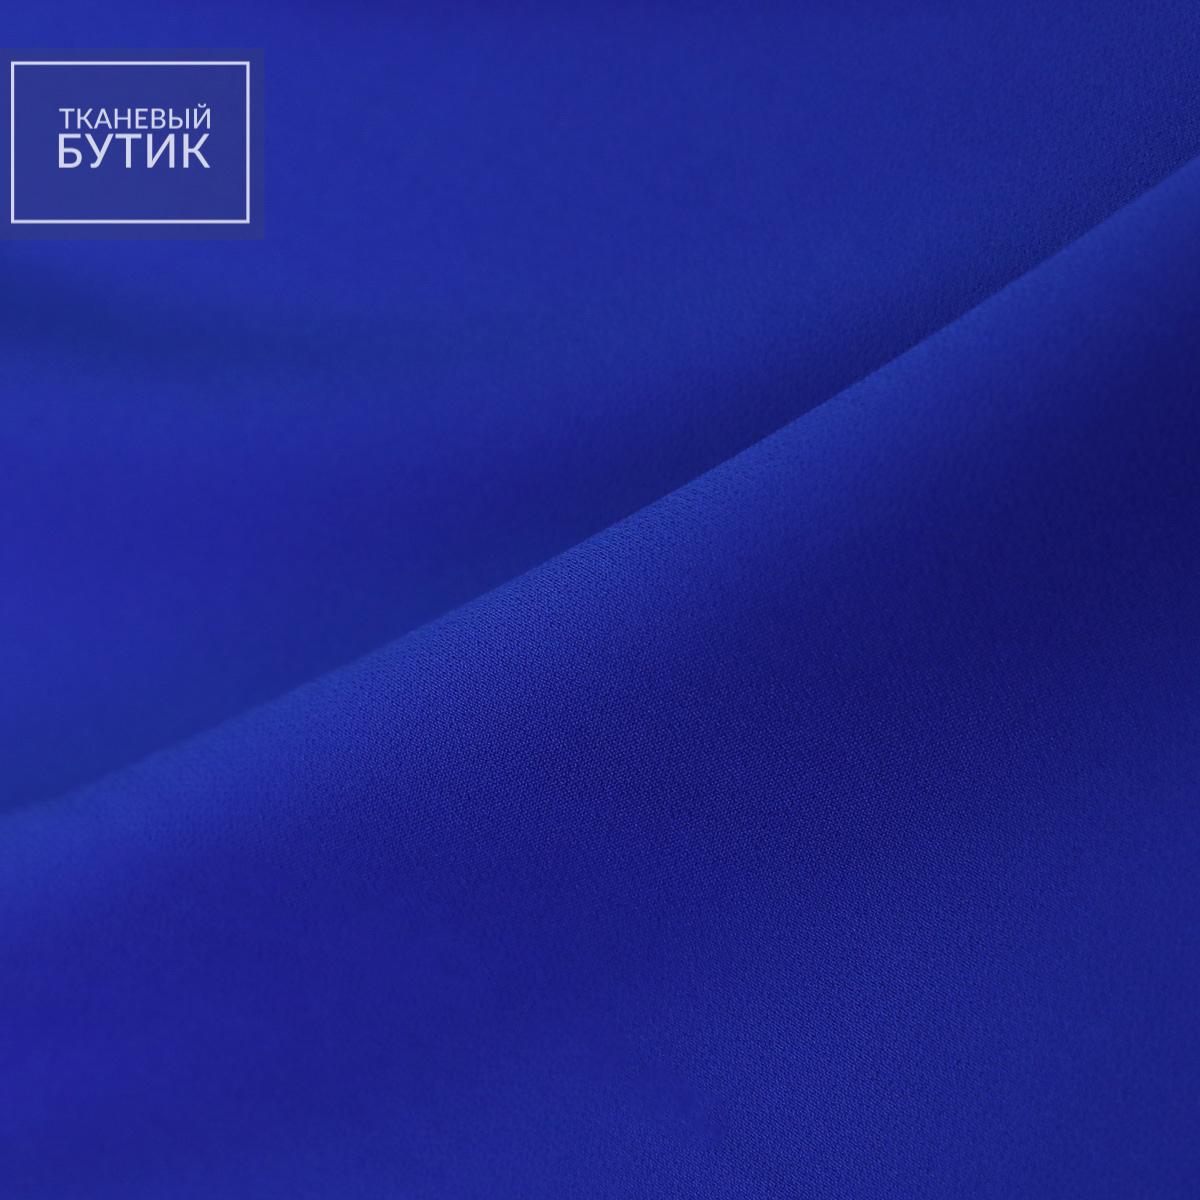 Синий полиэстеровый креп